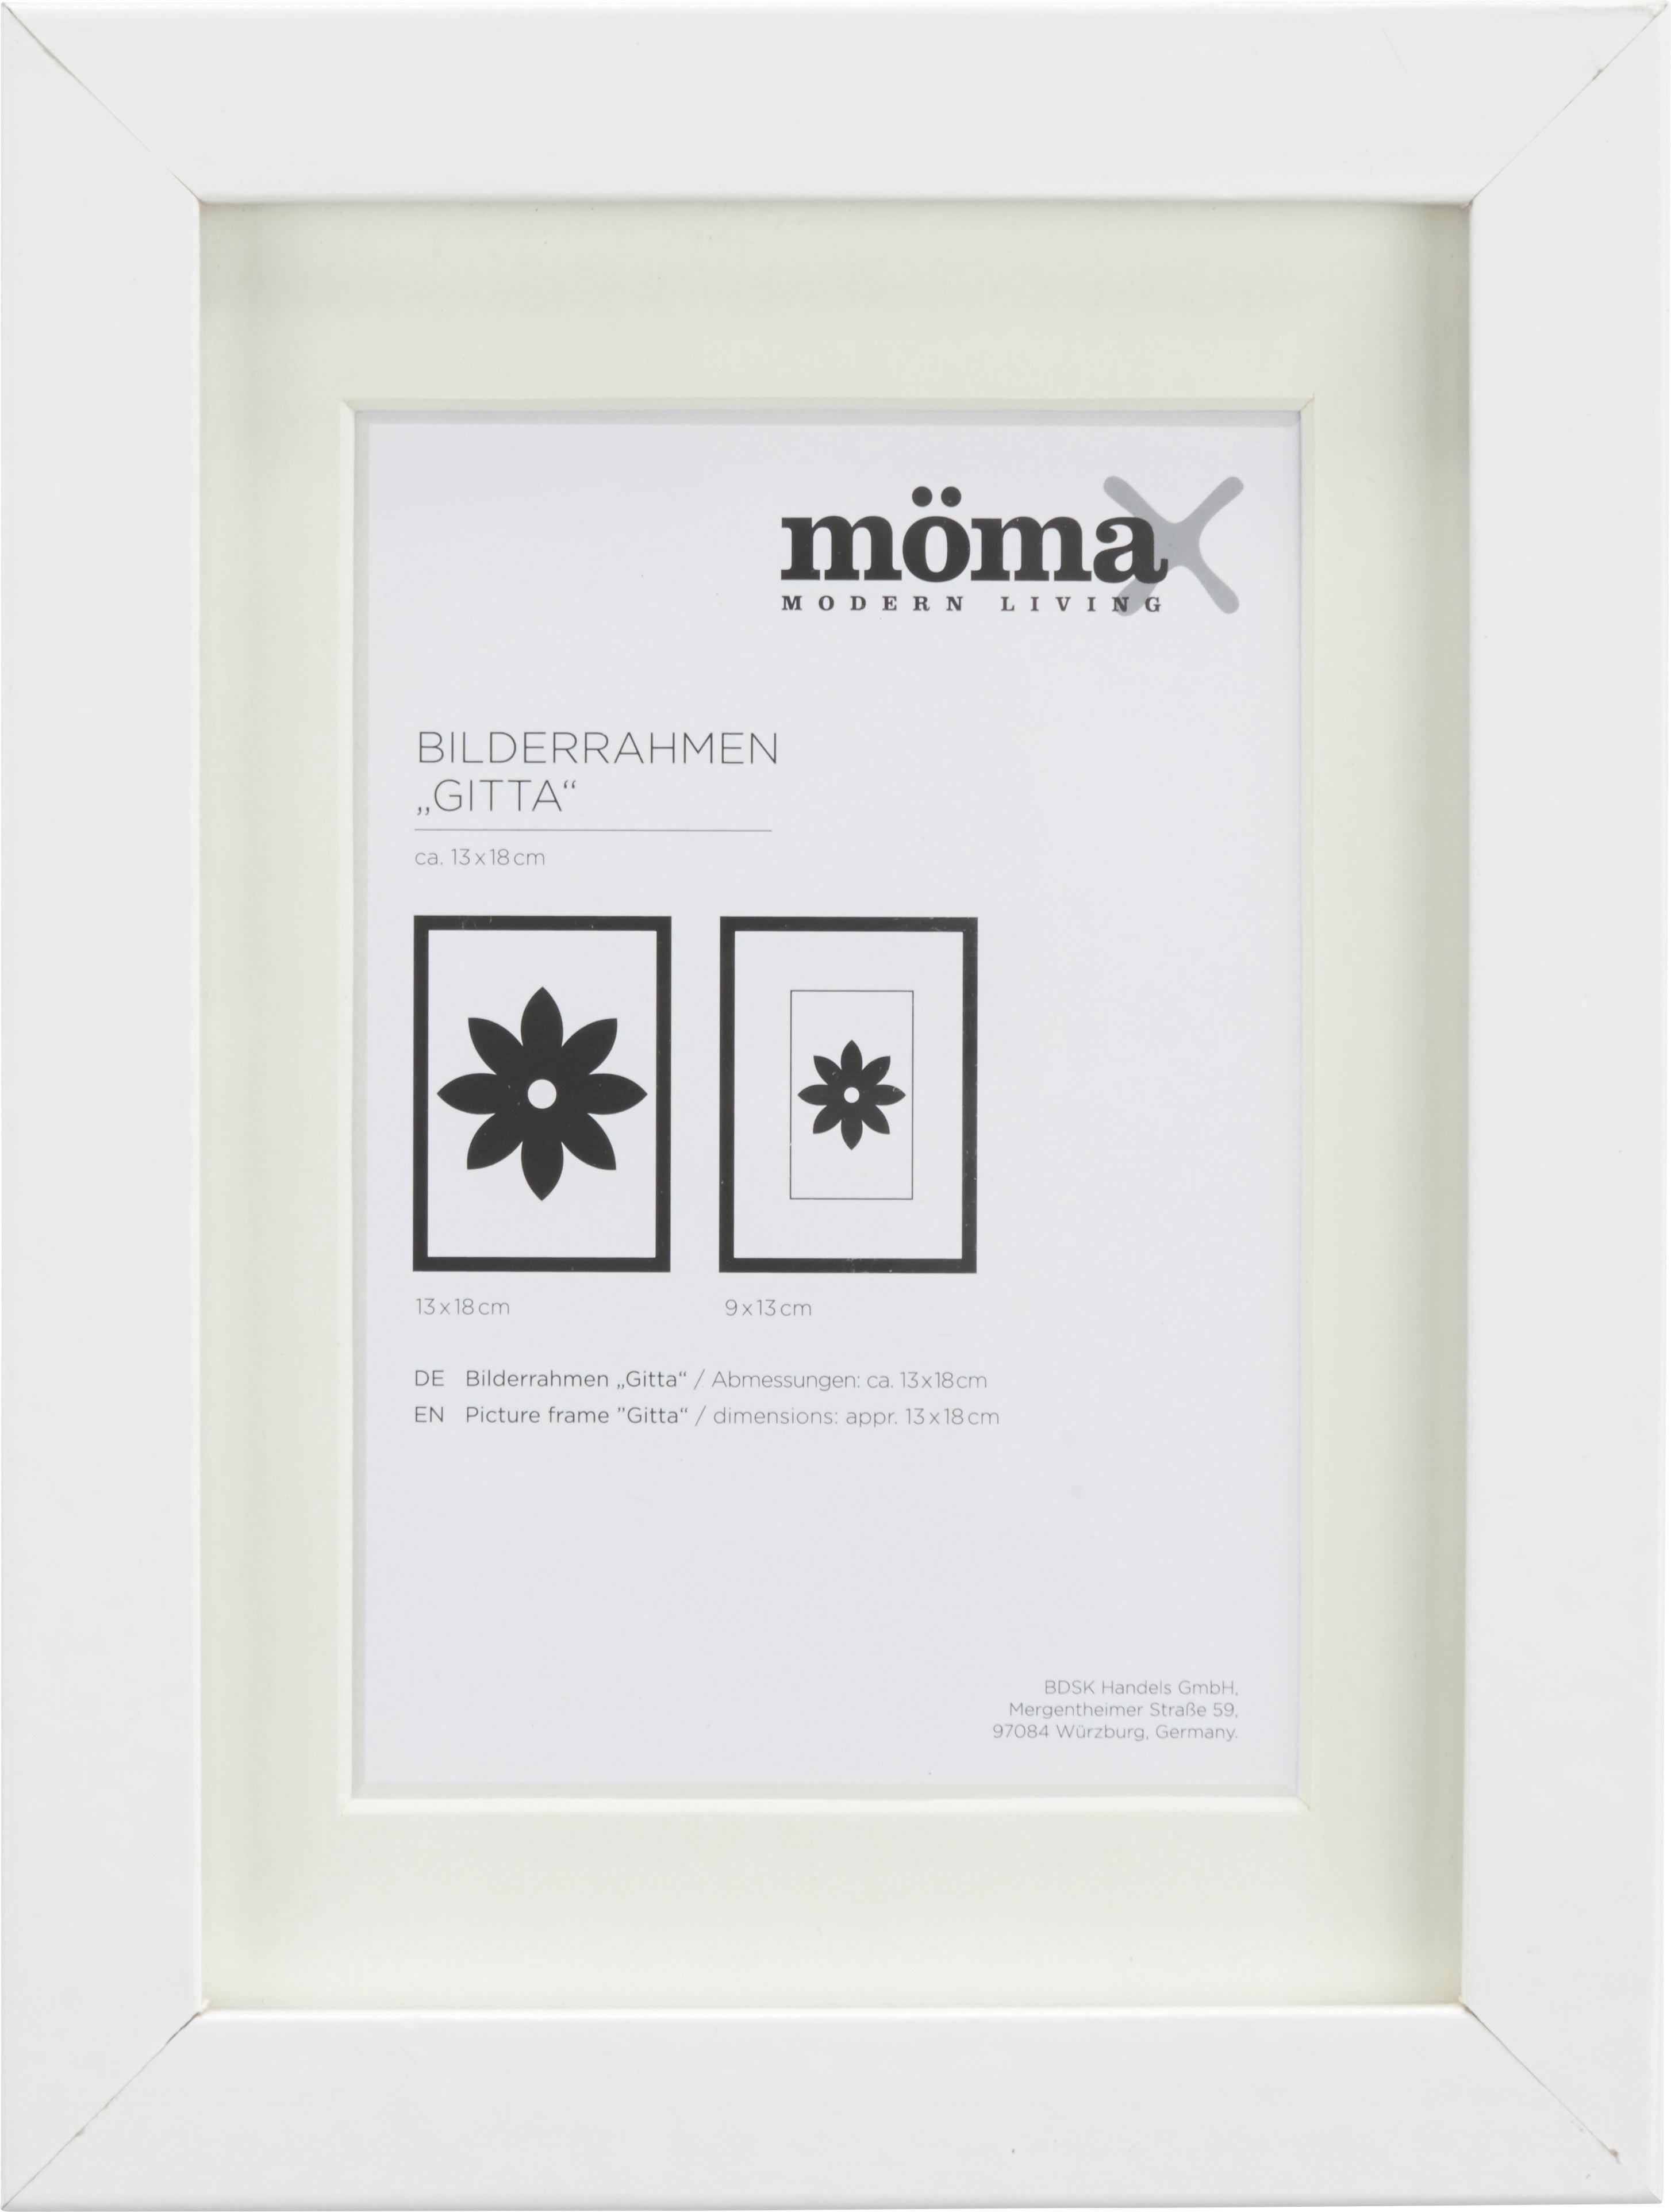 Bilderrahmen Gitta, ca. 13x18cm in Weiß online kaufen ➤ mömax